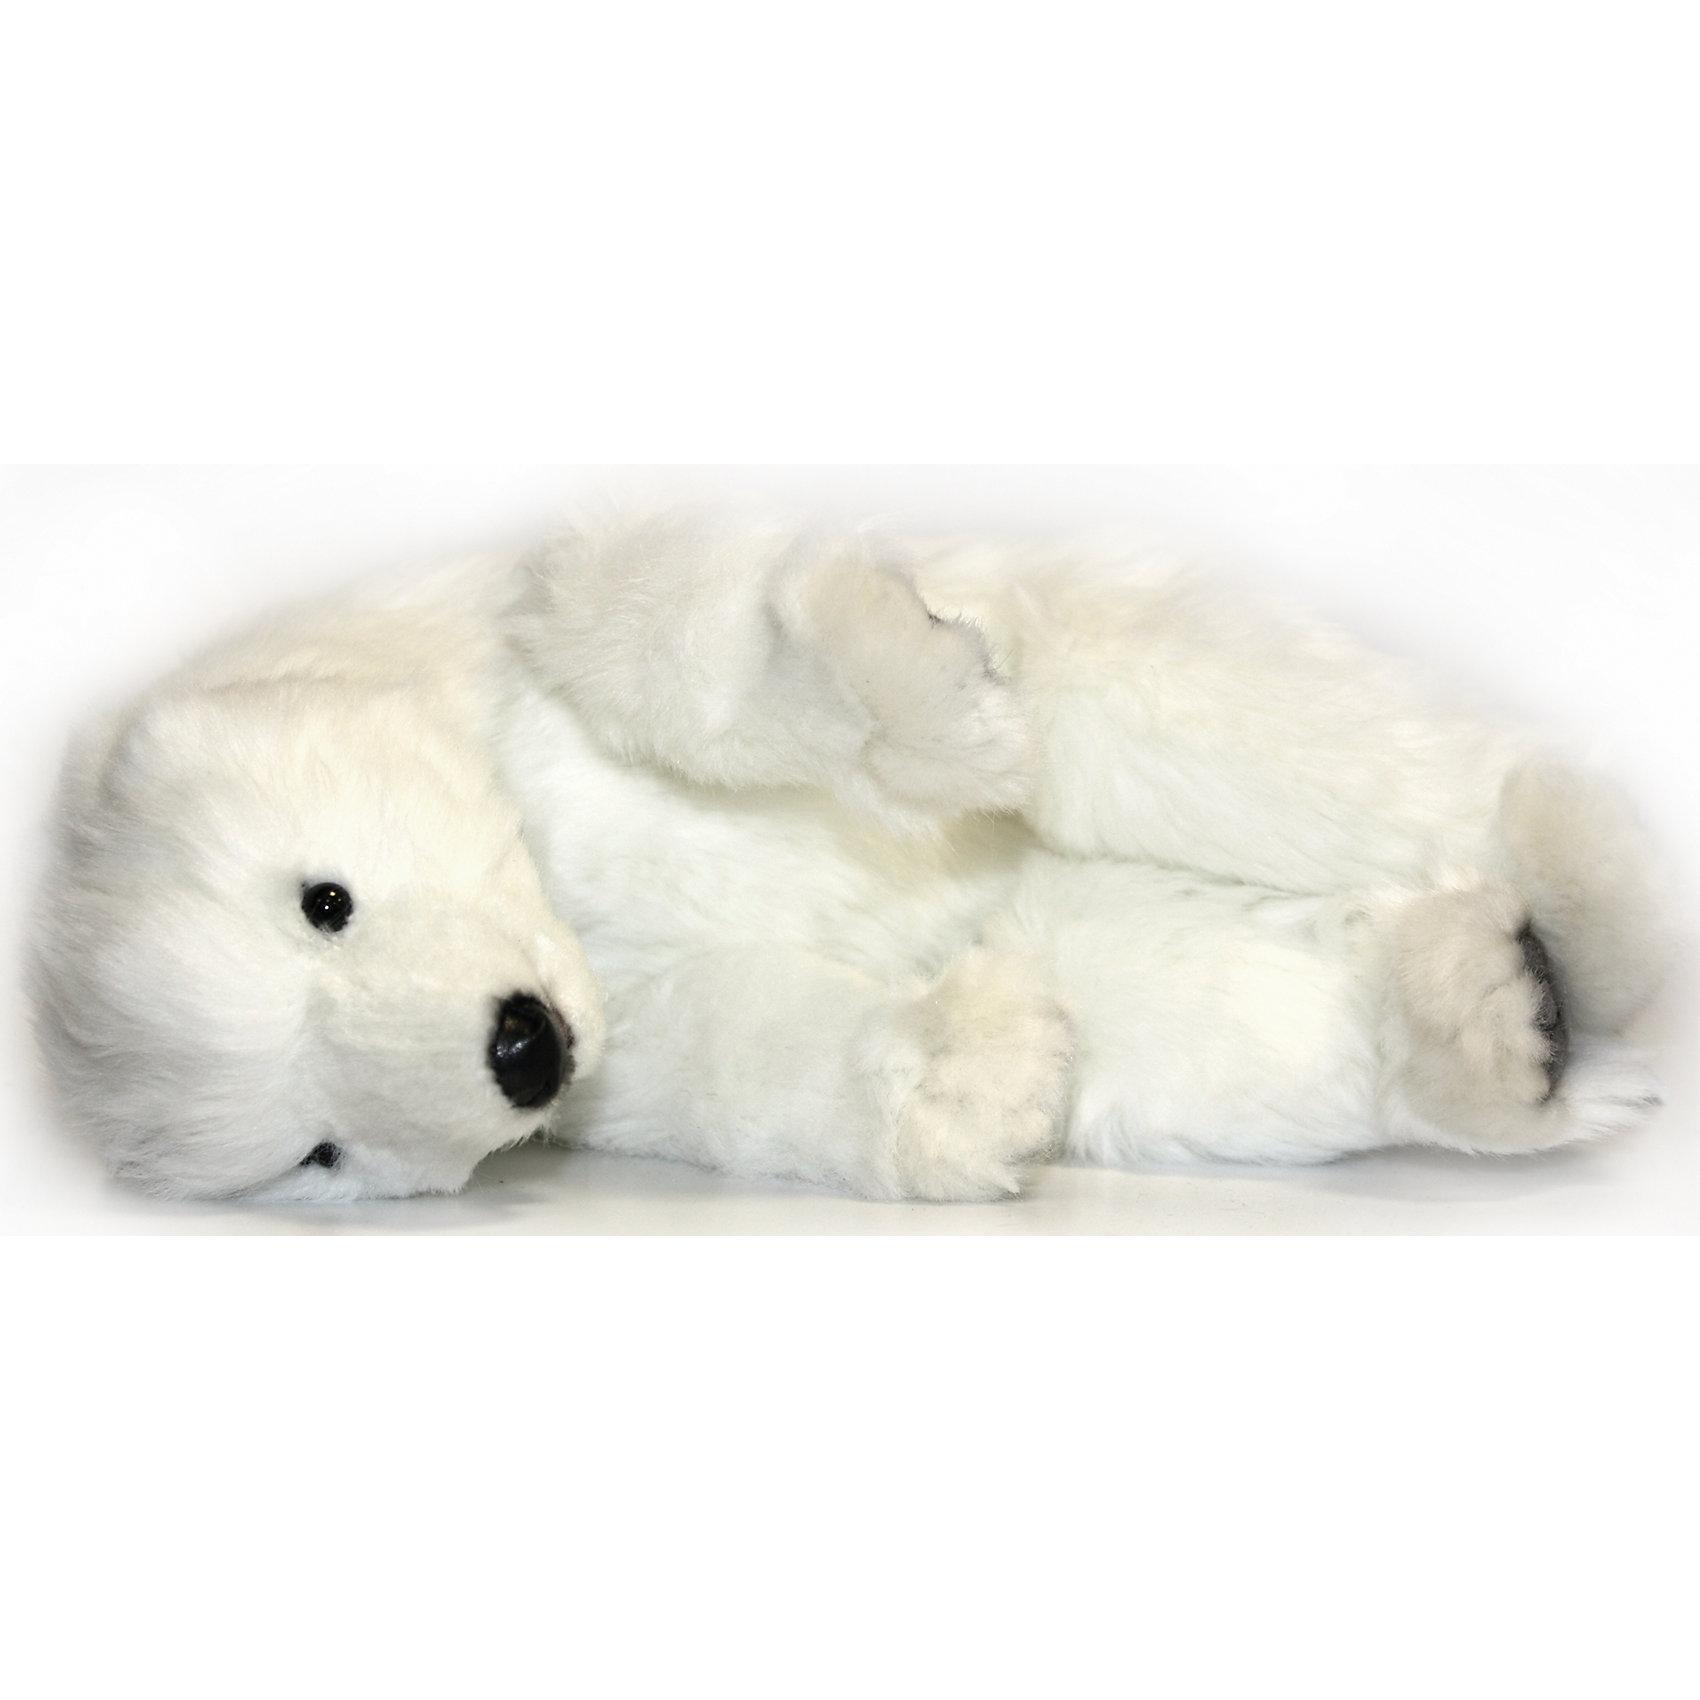 Детеныш полярного медведя, спящий, 30 смДетеныш полярного медведя, 30 см – игрушка от знаменитого бренда Hansa, специализирующегося на выпуске мягких игрушек с высокой степенью натуралистичности. Внешний вид игрушечного медвежонка полностью соответствует реальному прототипу. Он выполнен из искусственного белого меха с коротким ворсом. Использованные материалы обладают гипоаллергенными свойствами. Внутри игрушки имеется металлический каркас, позволяющий изменять положение. <br>Игрушка относится к серии Дикие животные. <br>Мягкие игрушки от Hansa подходят для сюжетно-ролевых игр, для обучающих игр, направленных на знакомство с животным миром дикой природы. Кроме того, их можно использовать в качестве интерьерных игрушек. Коллекция из нескольких игрушек позволяет создать свой домашний зоопарк, который будет радовать вашего ребенка долгое время, так как ручная работа и качественные материалы гарантируют их долговечность и прочность.<br><br>Дополнительная информация:<br><br>- Вид игр: сюжетно-ролевые игры, коллекционирование, интерьерные игрушки<br>- Предназначение: для дома, для детских развивающих центров, для детских садов<br>- Материал: искусственный мех, наполнитель ? полиэфирное волокно<br>- Размер (ДхШхВ): 30*9*25 см<br>- Вес: 580 г<br>- Особенности ухода: сухая чистка при помощи пылесоса или щетки для одежды<br><br>Подробнее:<br><br>• Для детей в возрасте: от 3 лет <br>• Страна производитель: Филиппины<br>• Торговый бренд: Hansa<br><br>Детеныша полярного медведя, 30 см можно купить в нашем интернет-магазине.<br><br>Ширина мм: 30<br>Глубина мм: 9<br>Высота мм: 25<br>Вес г: 580<br>Возраст от месяцев: 36<br>Возраст до месяцев: 2147483647<br>Пол: Унисекс<br>Возраст: Детский<br>SKU: 4927206